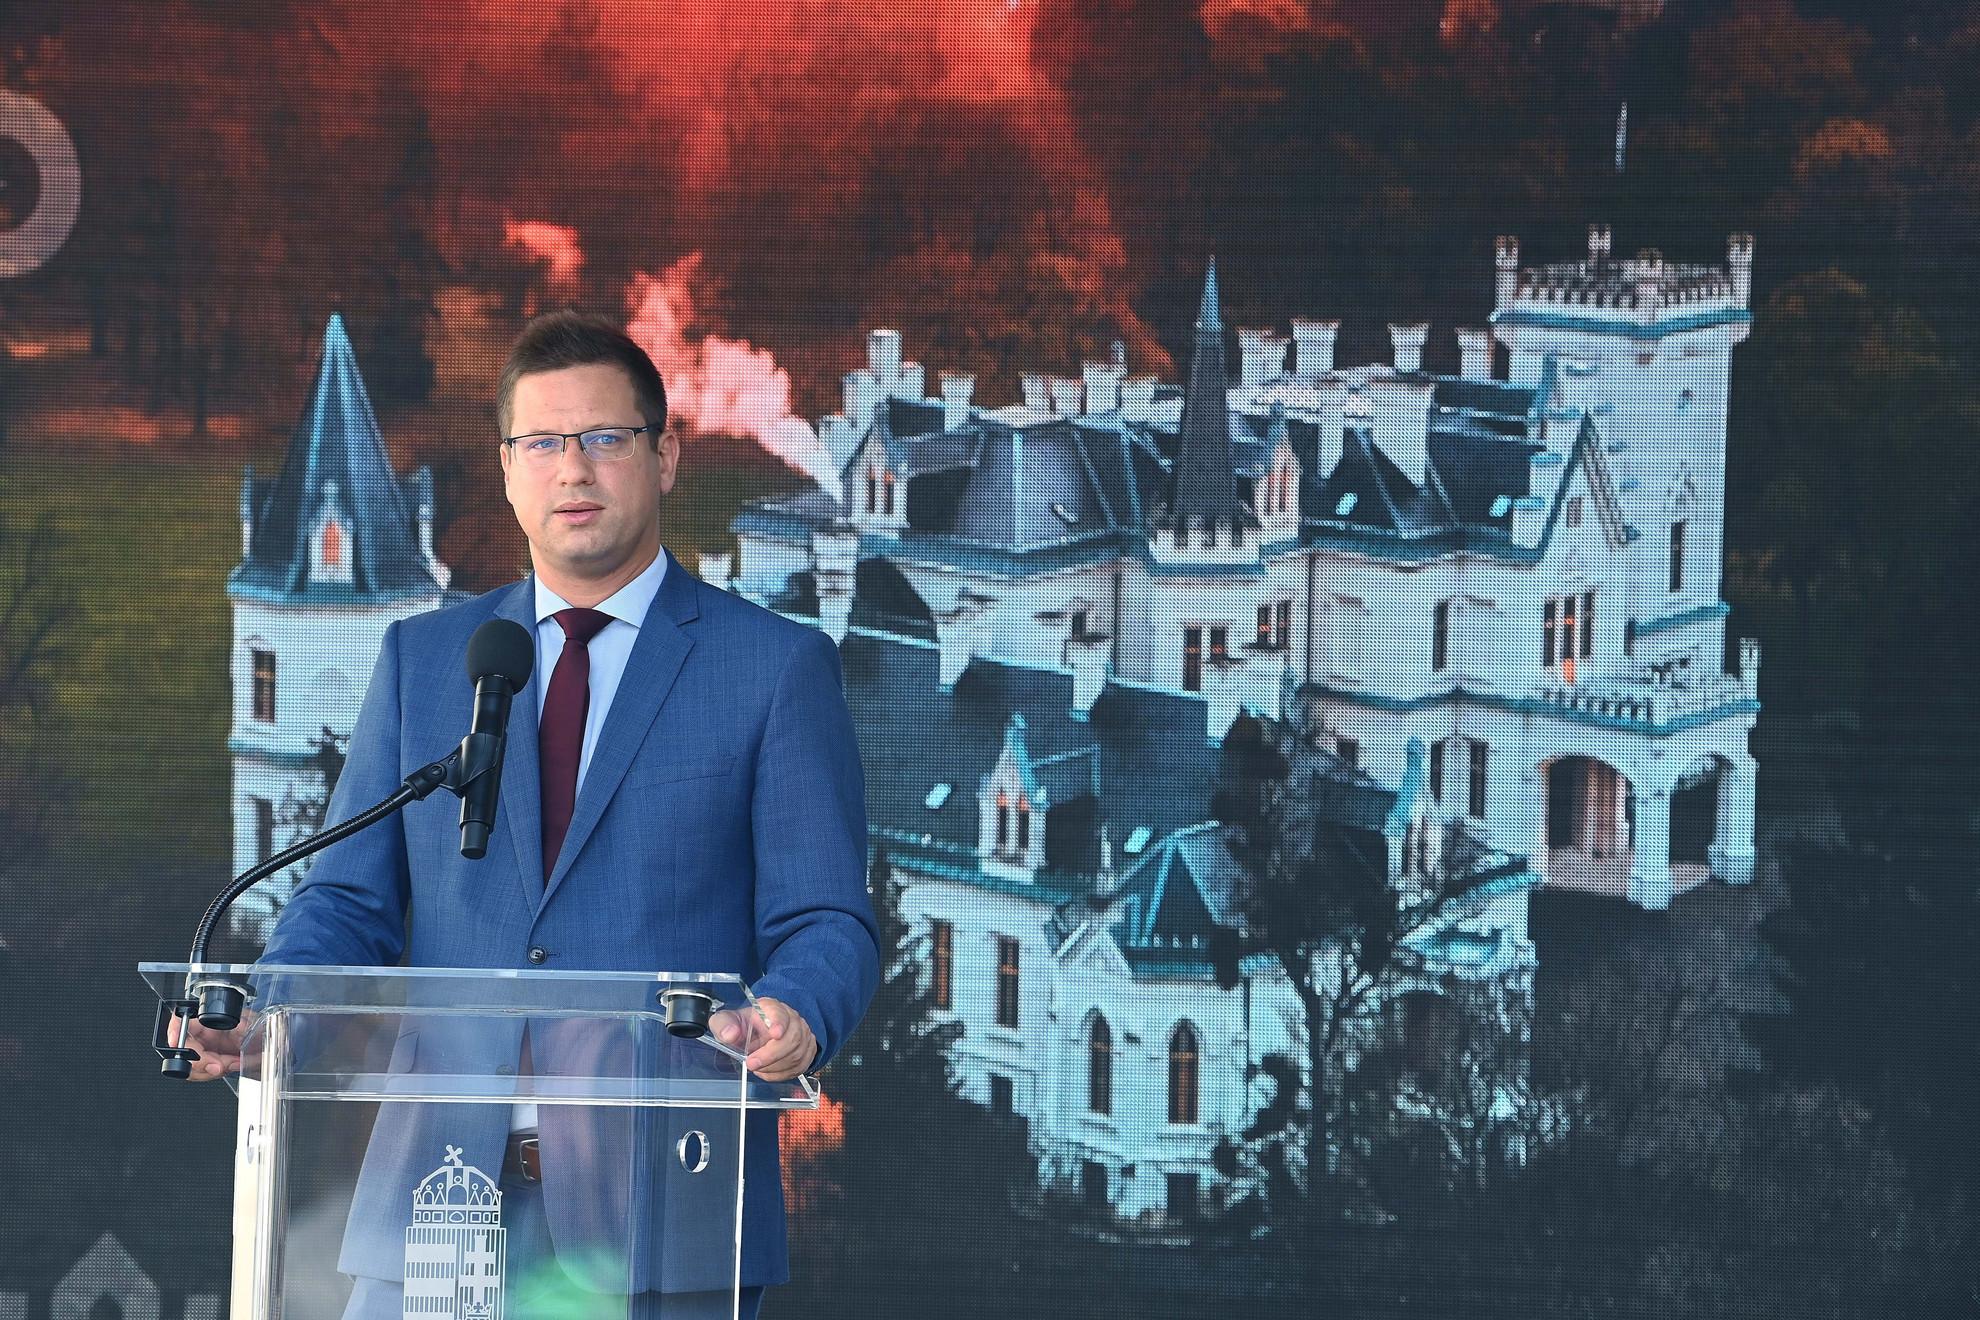 Gulyás Gergely Miniszterelnökséget vezető miniszter beszél a Nemzeti Kastélyprogram és Nemzeti Várprogram keretében megújult nádasdladányi Nádasdy-kastély ünnepélyes átadásán 2021. augusztus 1-jén